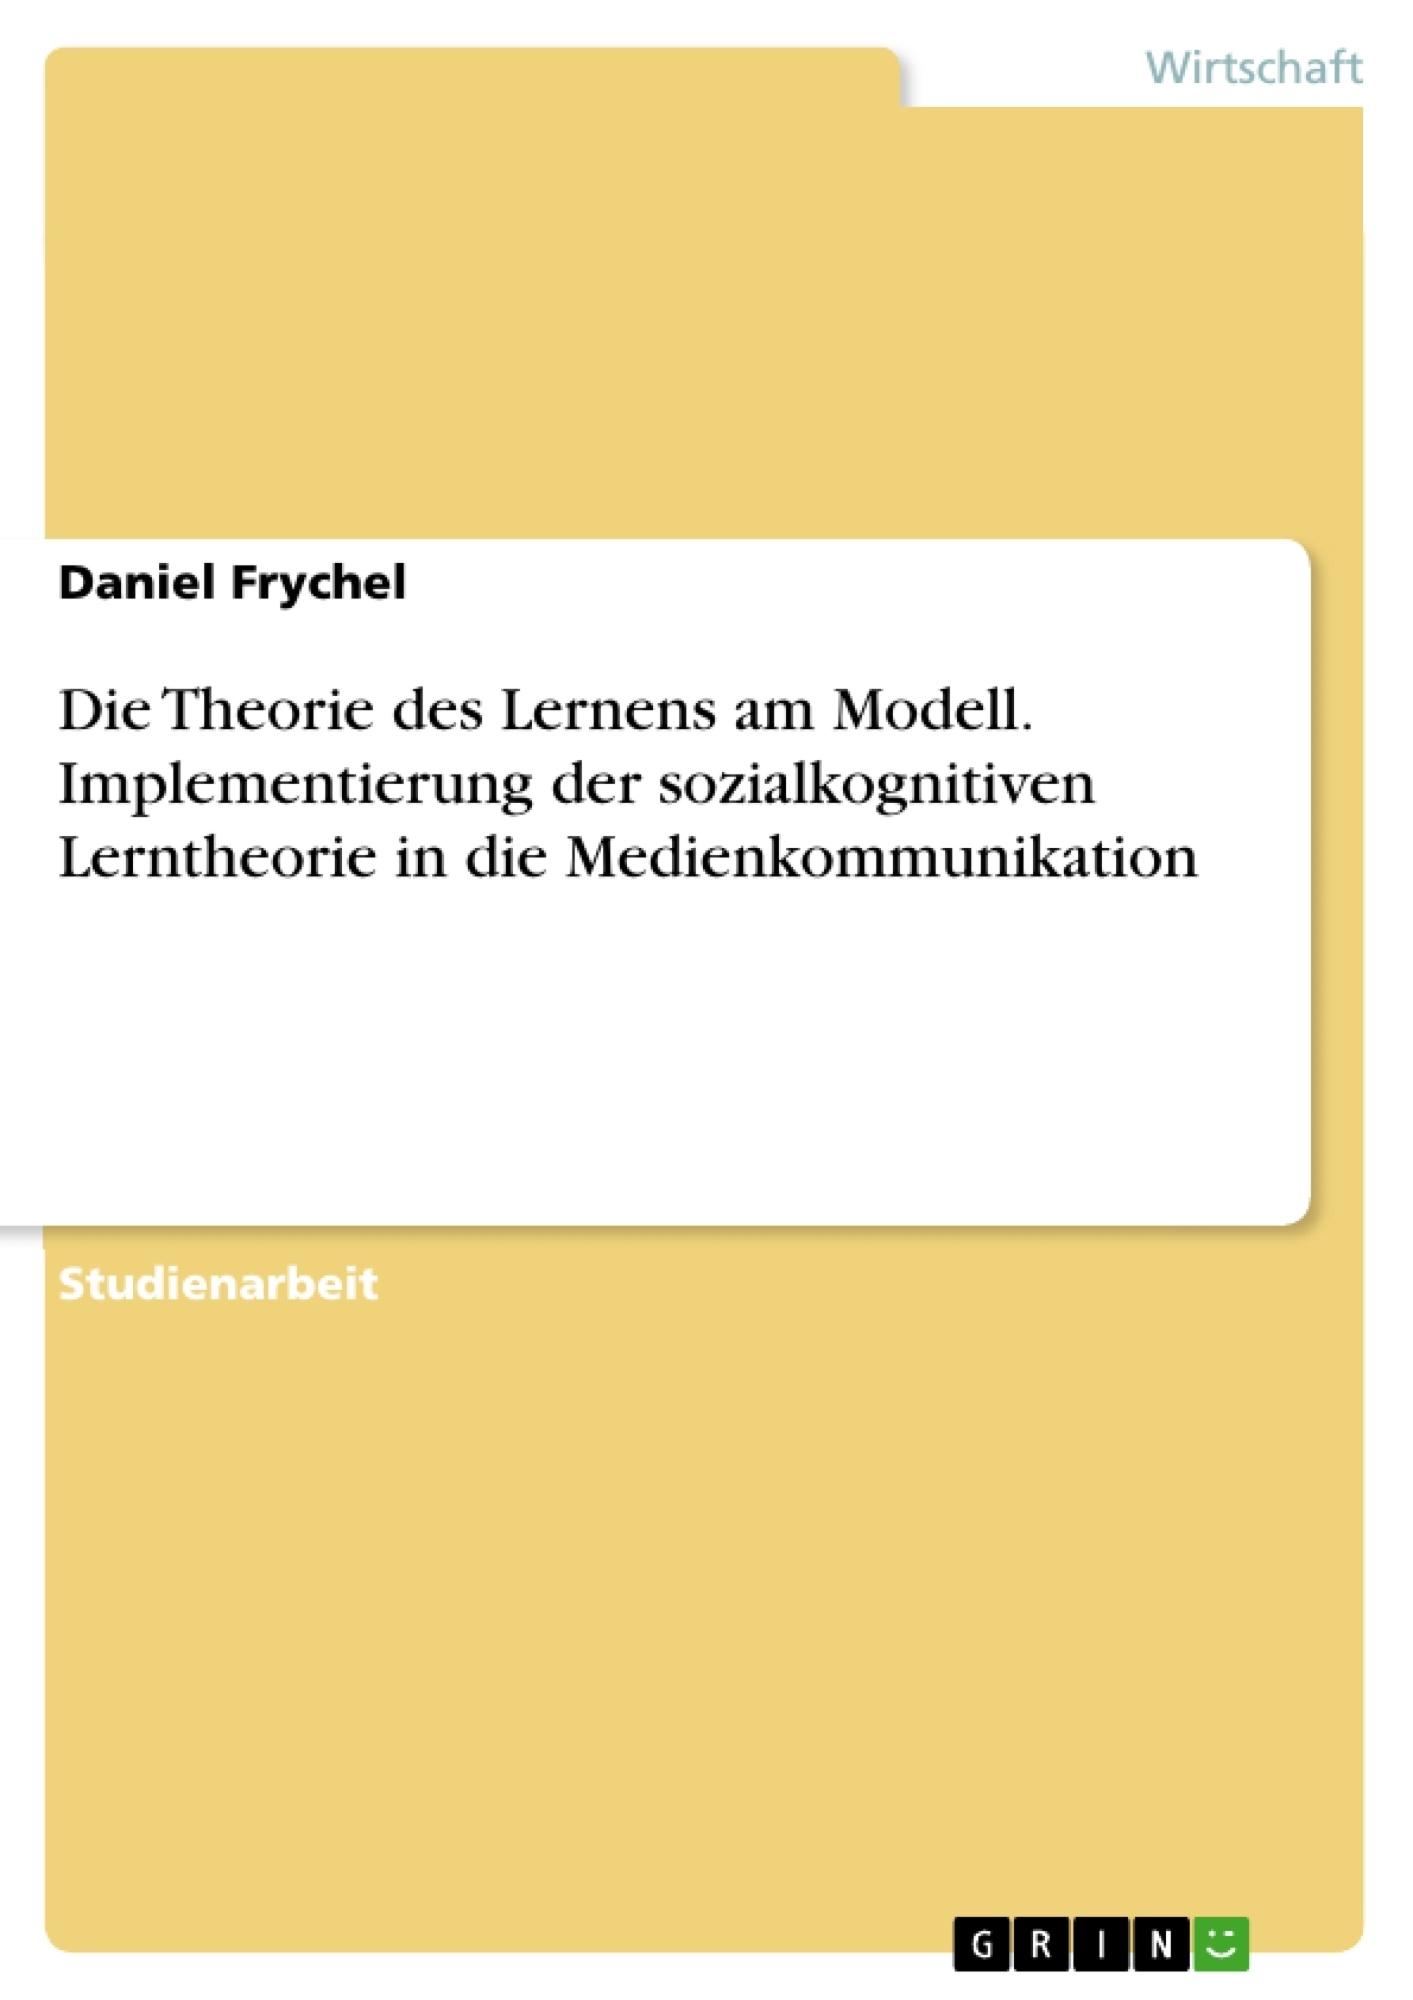 Titel: Die Theorie des Lernens am Modell. Implementierung der sozialkognitiven Lerntheorie in die Medienkommunikation